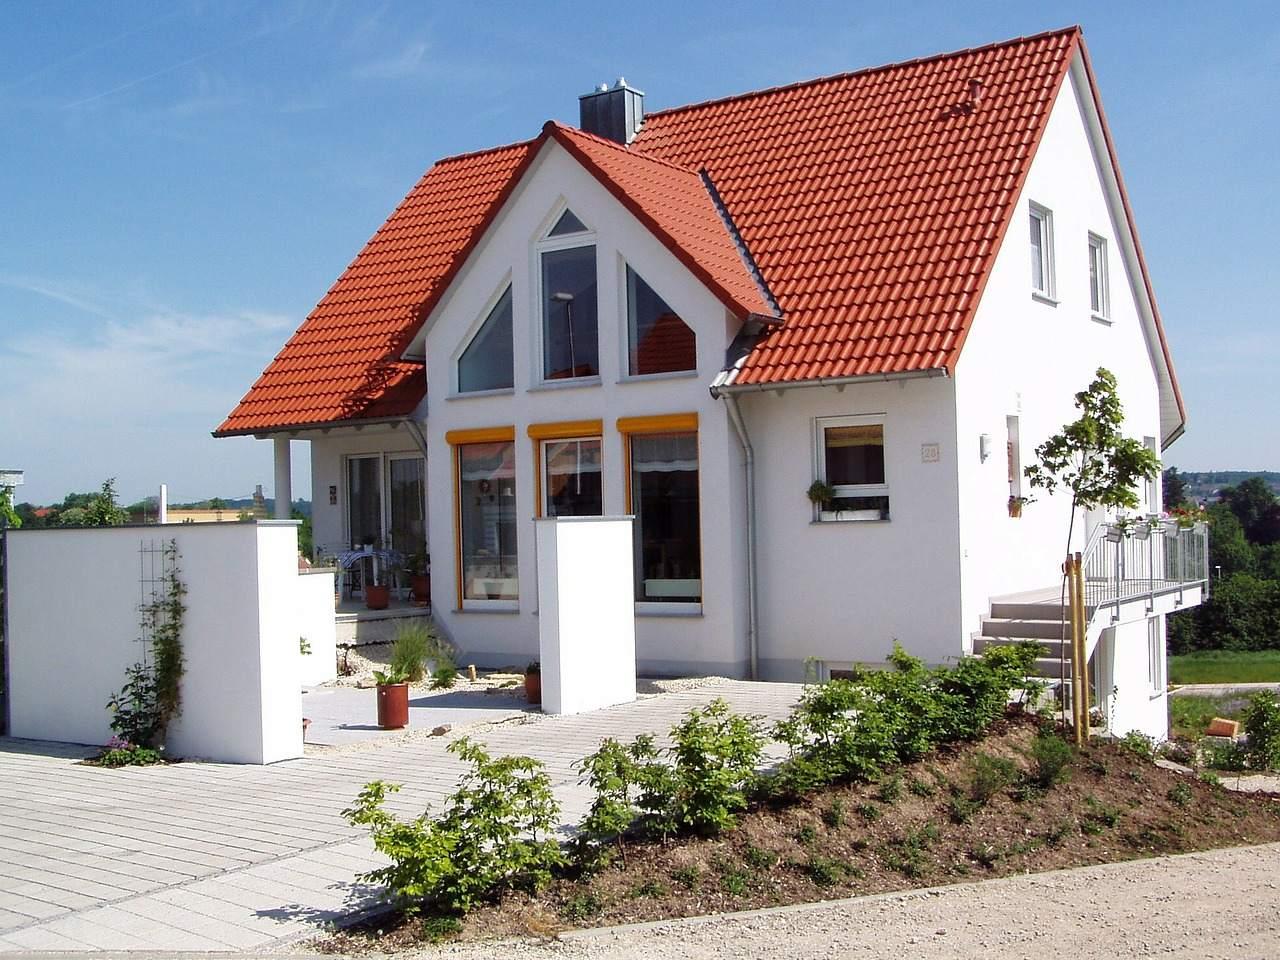 Beispiel Einfamilienhaus - Hausse bei Immobilien geht weiter?